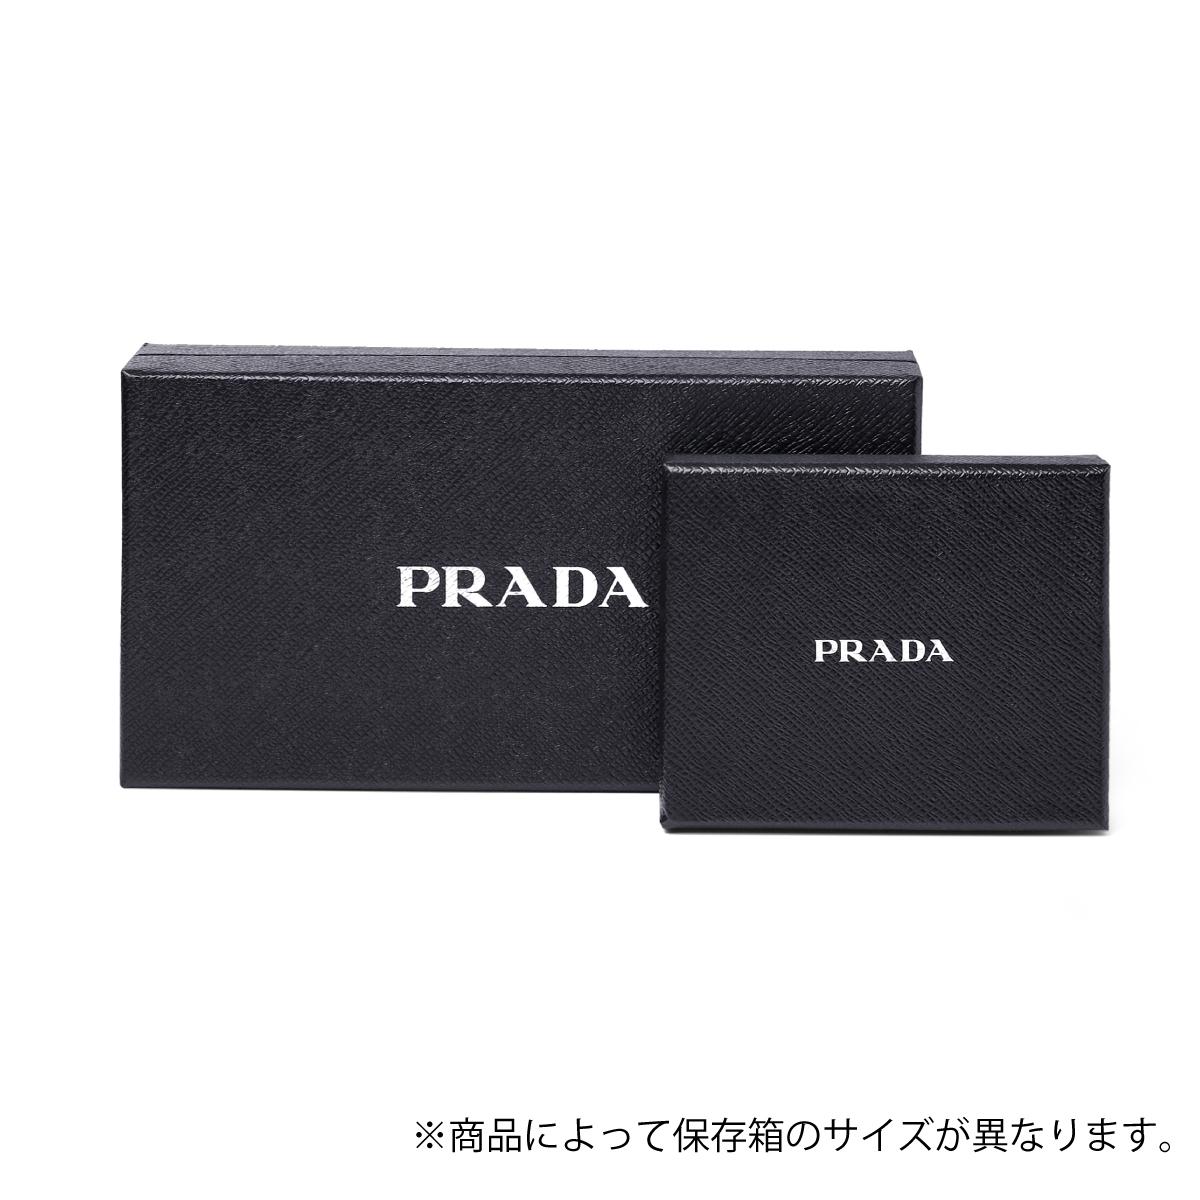 PRADA プラダ | ブレスレット | NAPPA